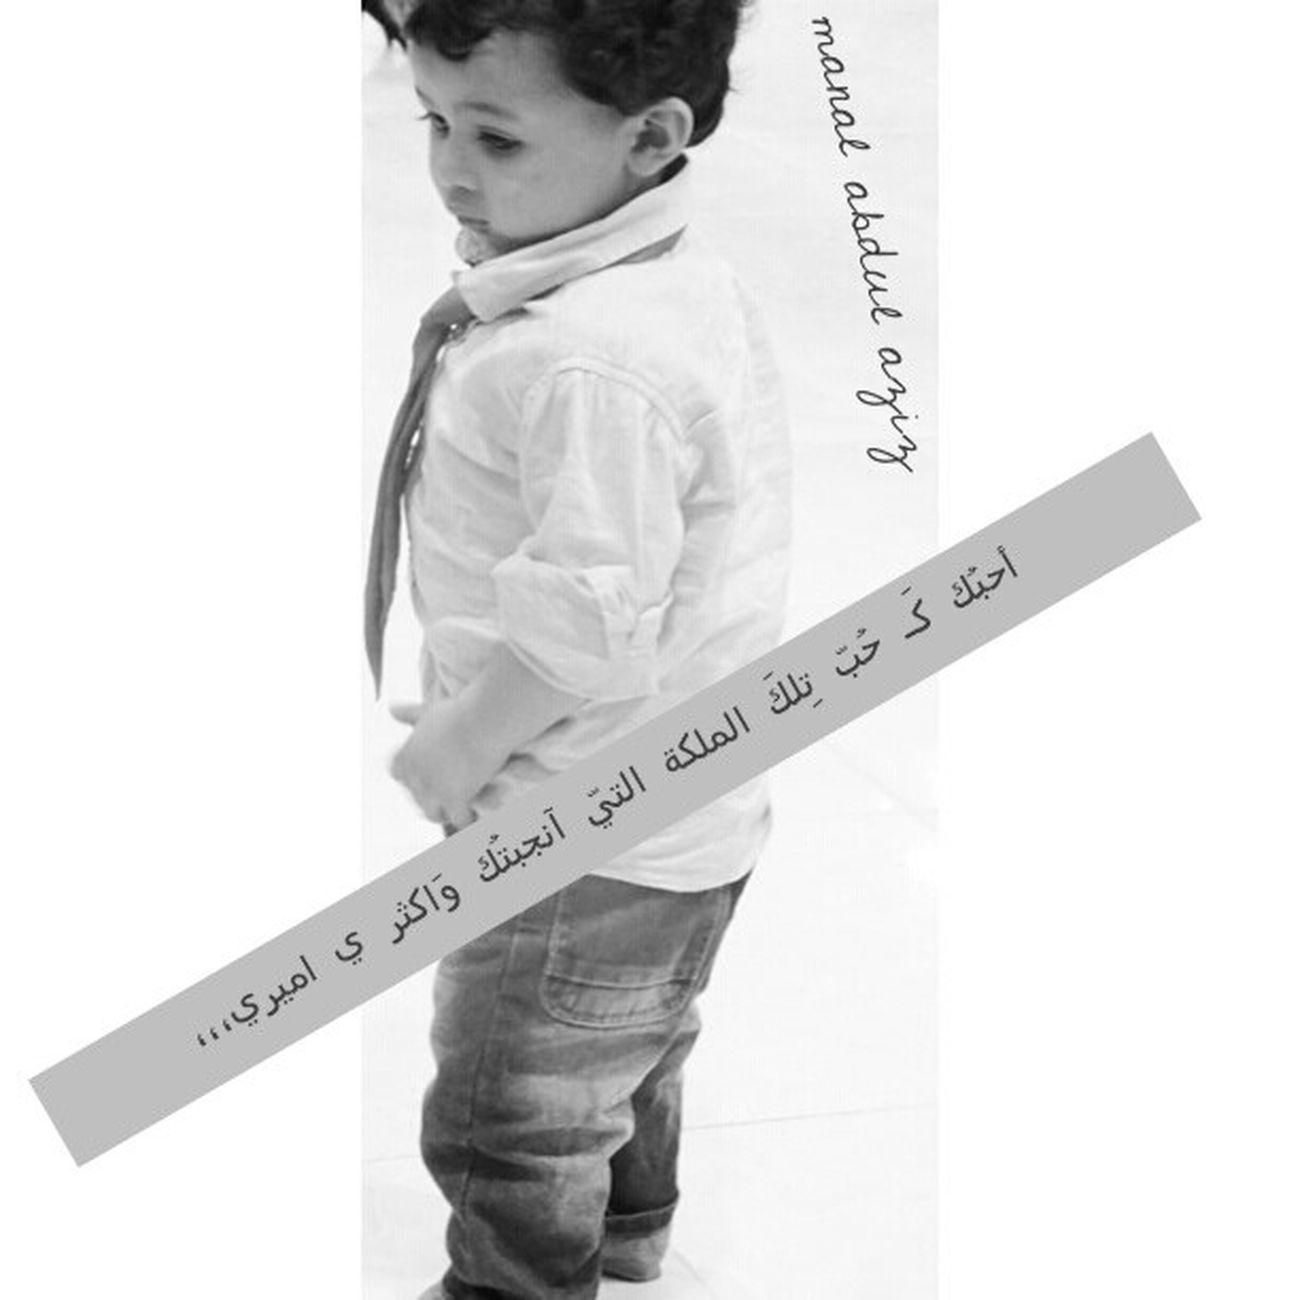 تصميمي تصوير  @bilsanah_m انستغرامي تصميم انستغرام طفولة براءة سعد ...اذكرو الله